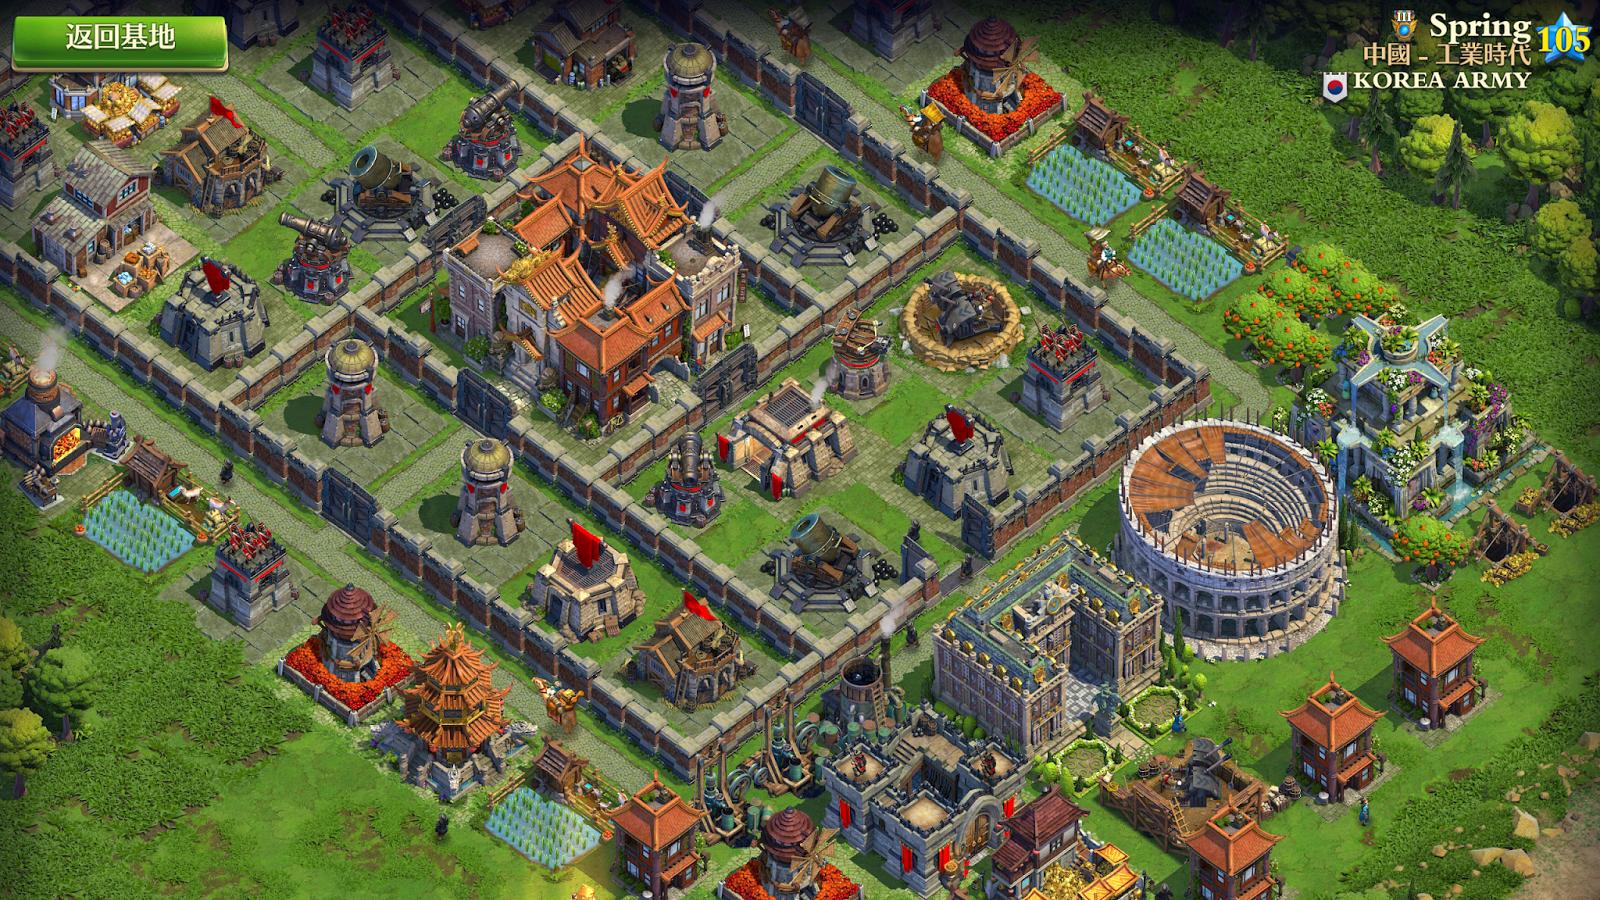 文明爭戰中文版推出:文明帝國結合部落衝突遊戲App